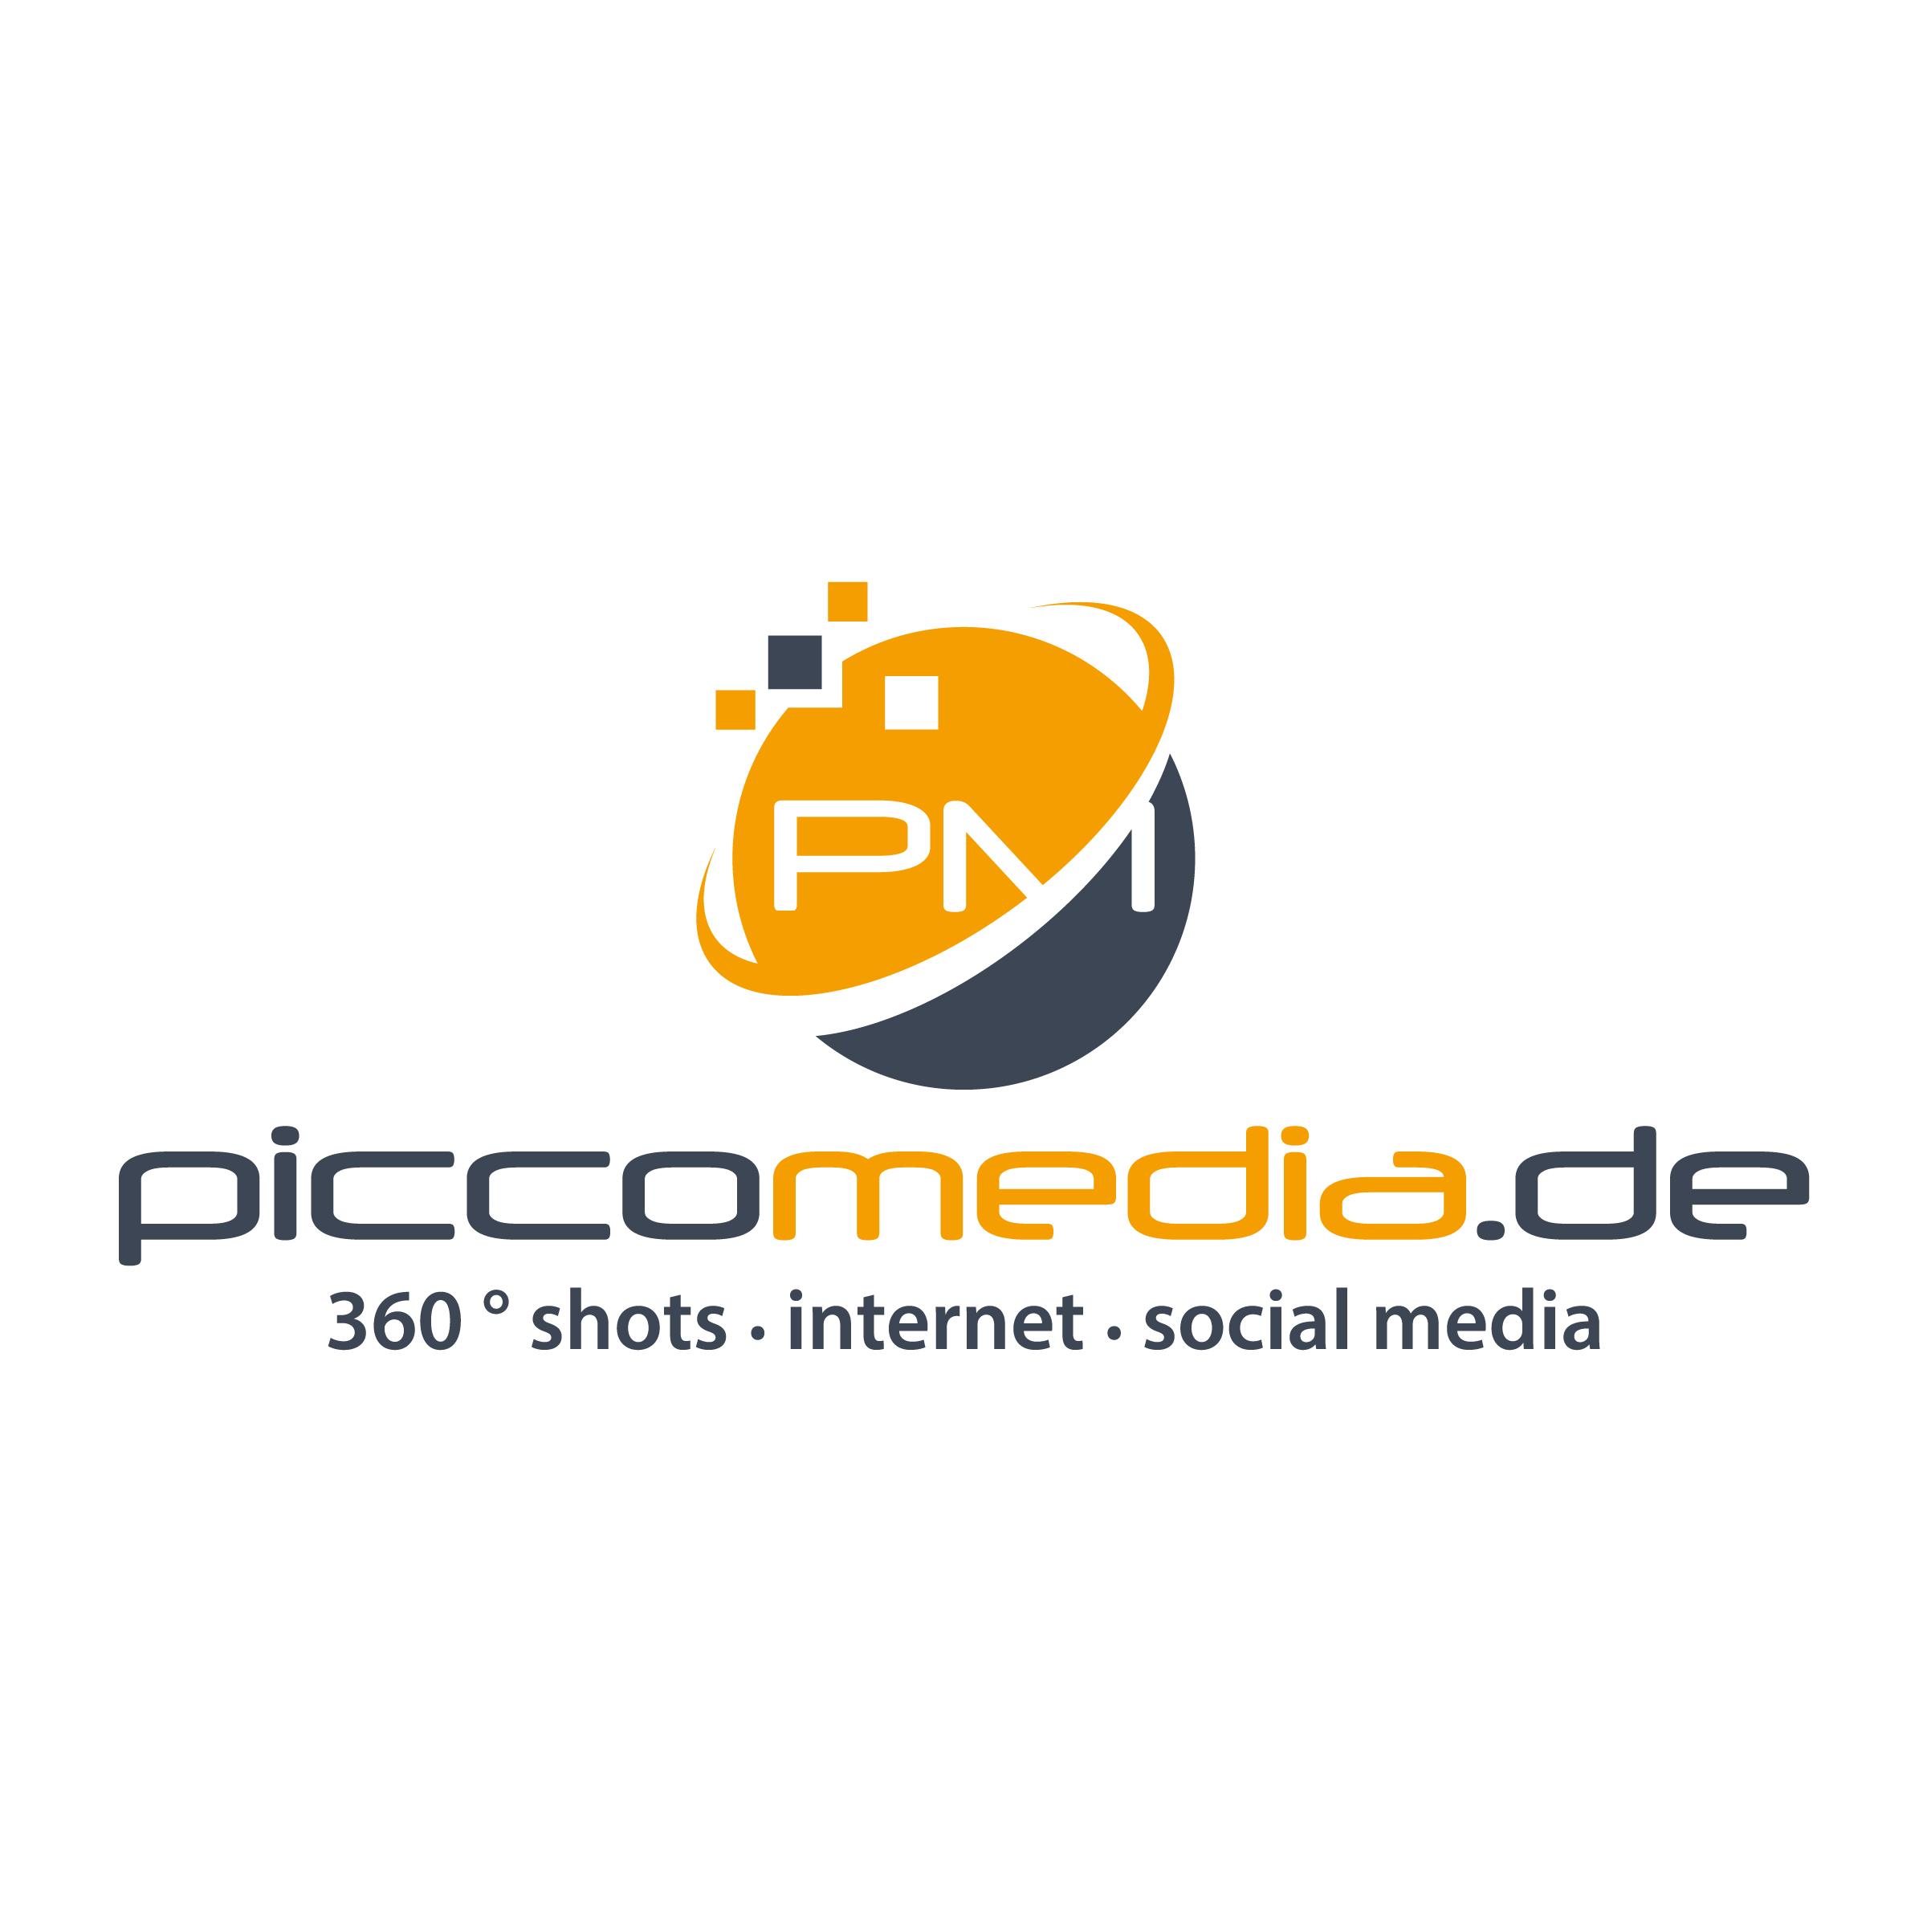 Logo: PiccoMedia